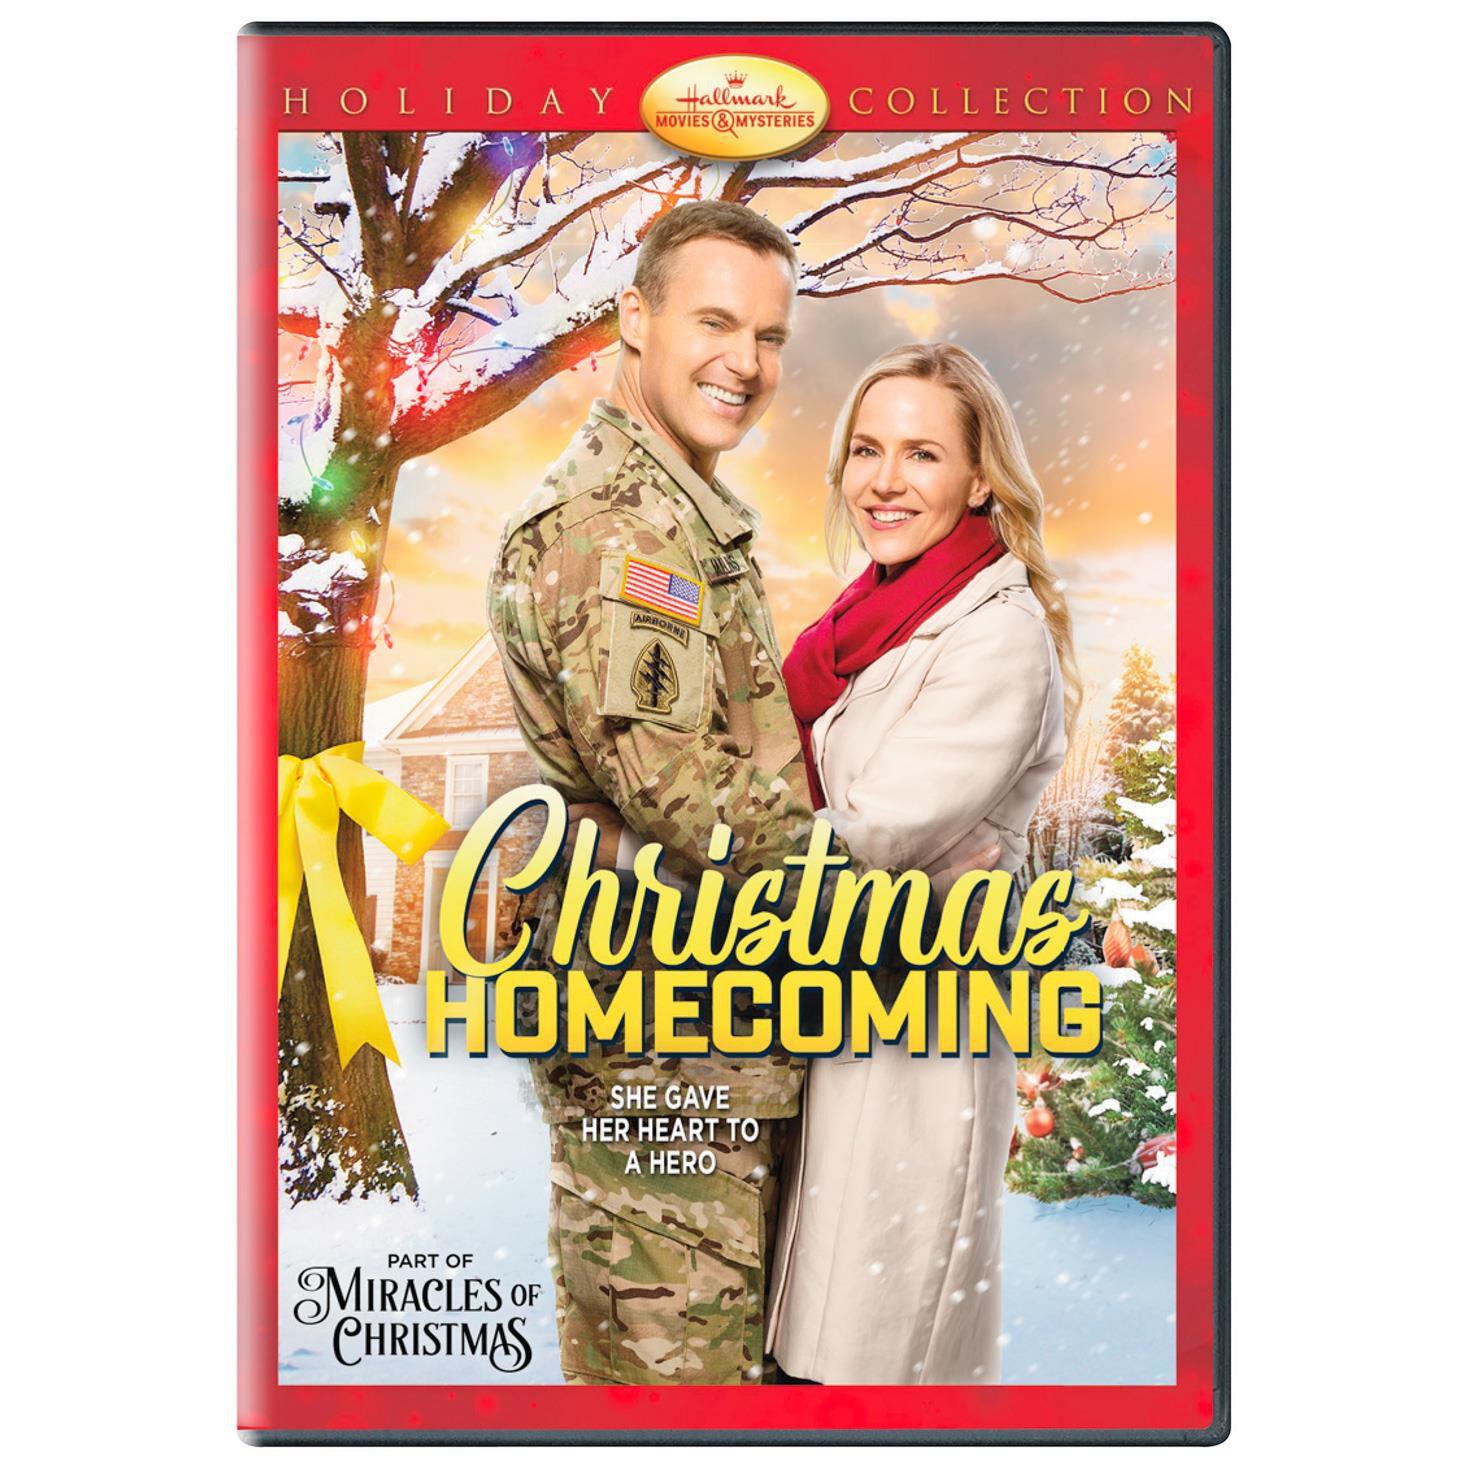 Christmas Homecoming Hallmark.Christmas Homecoming Dvd